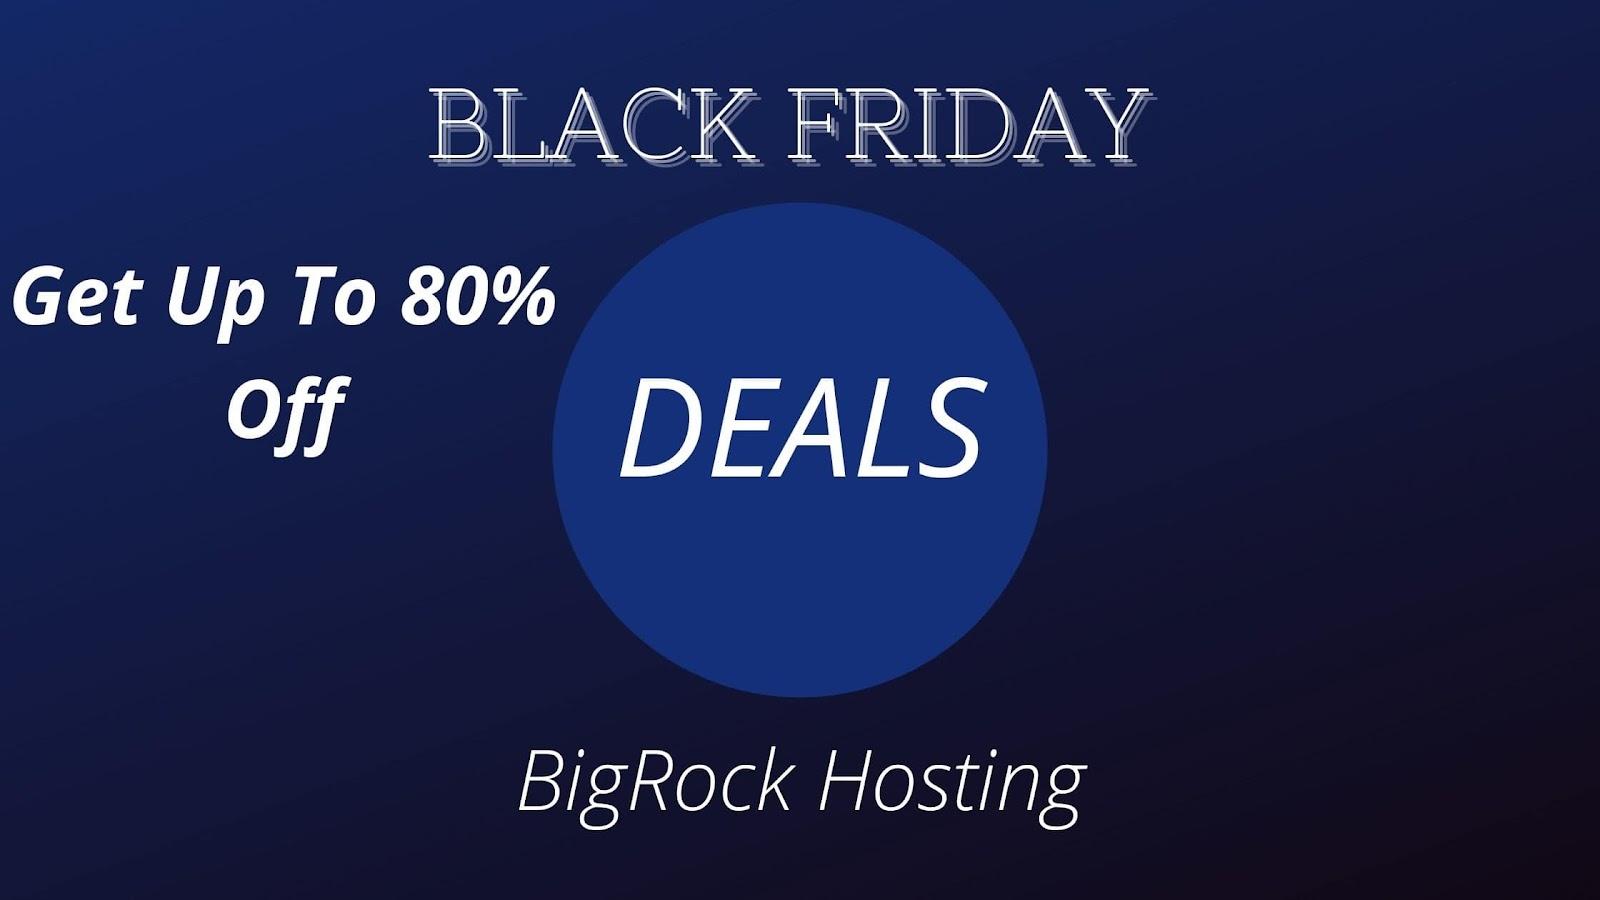 BigRock: Get Up To 80% Discounts